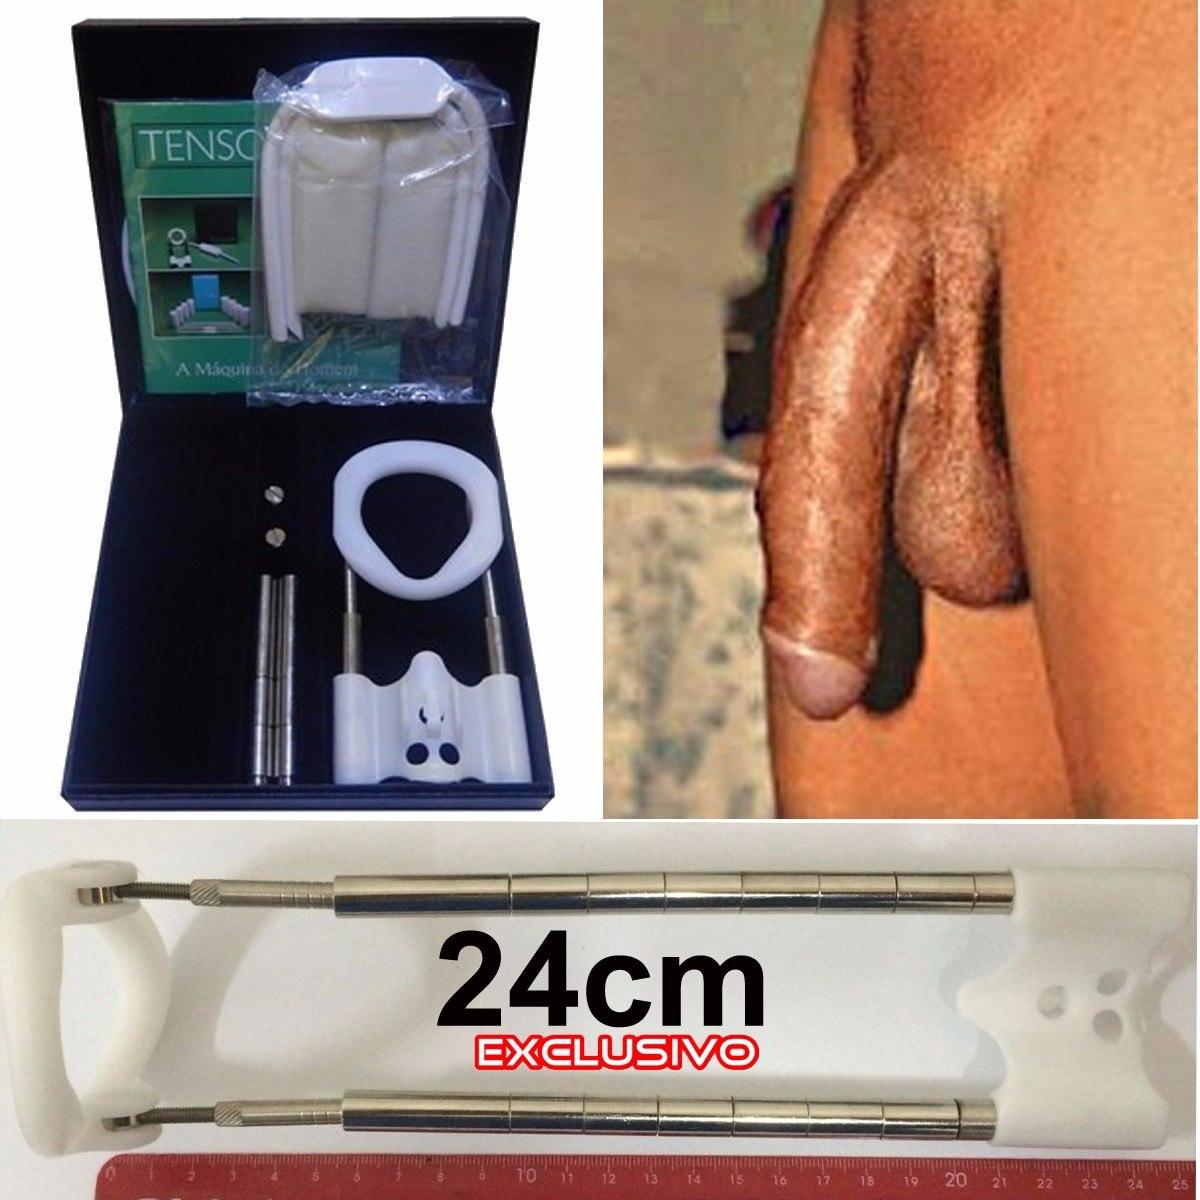 Extensor Peniano Penis Dotado 24cm Tensor Din Especial R 254 90